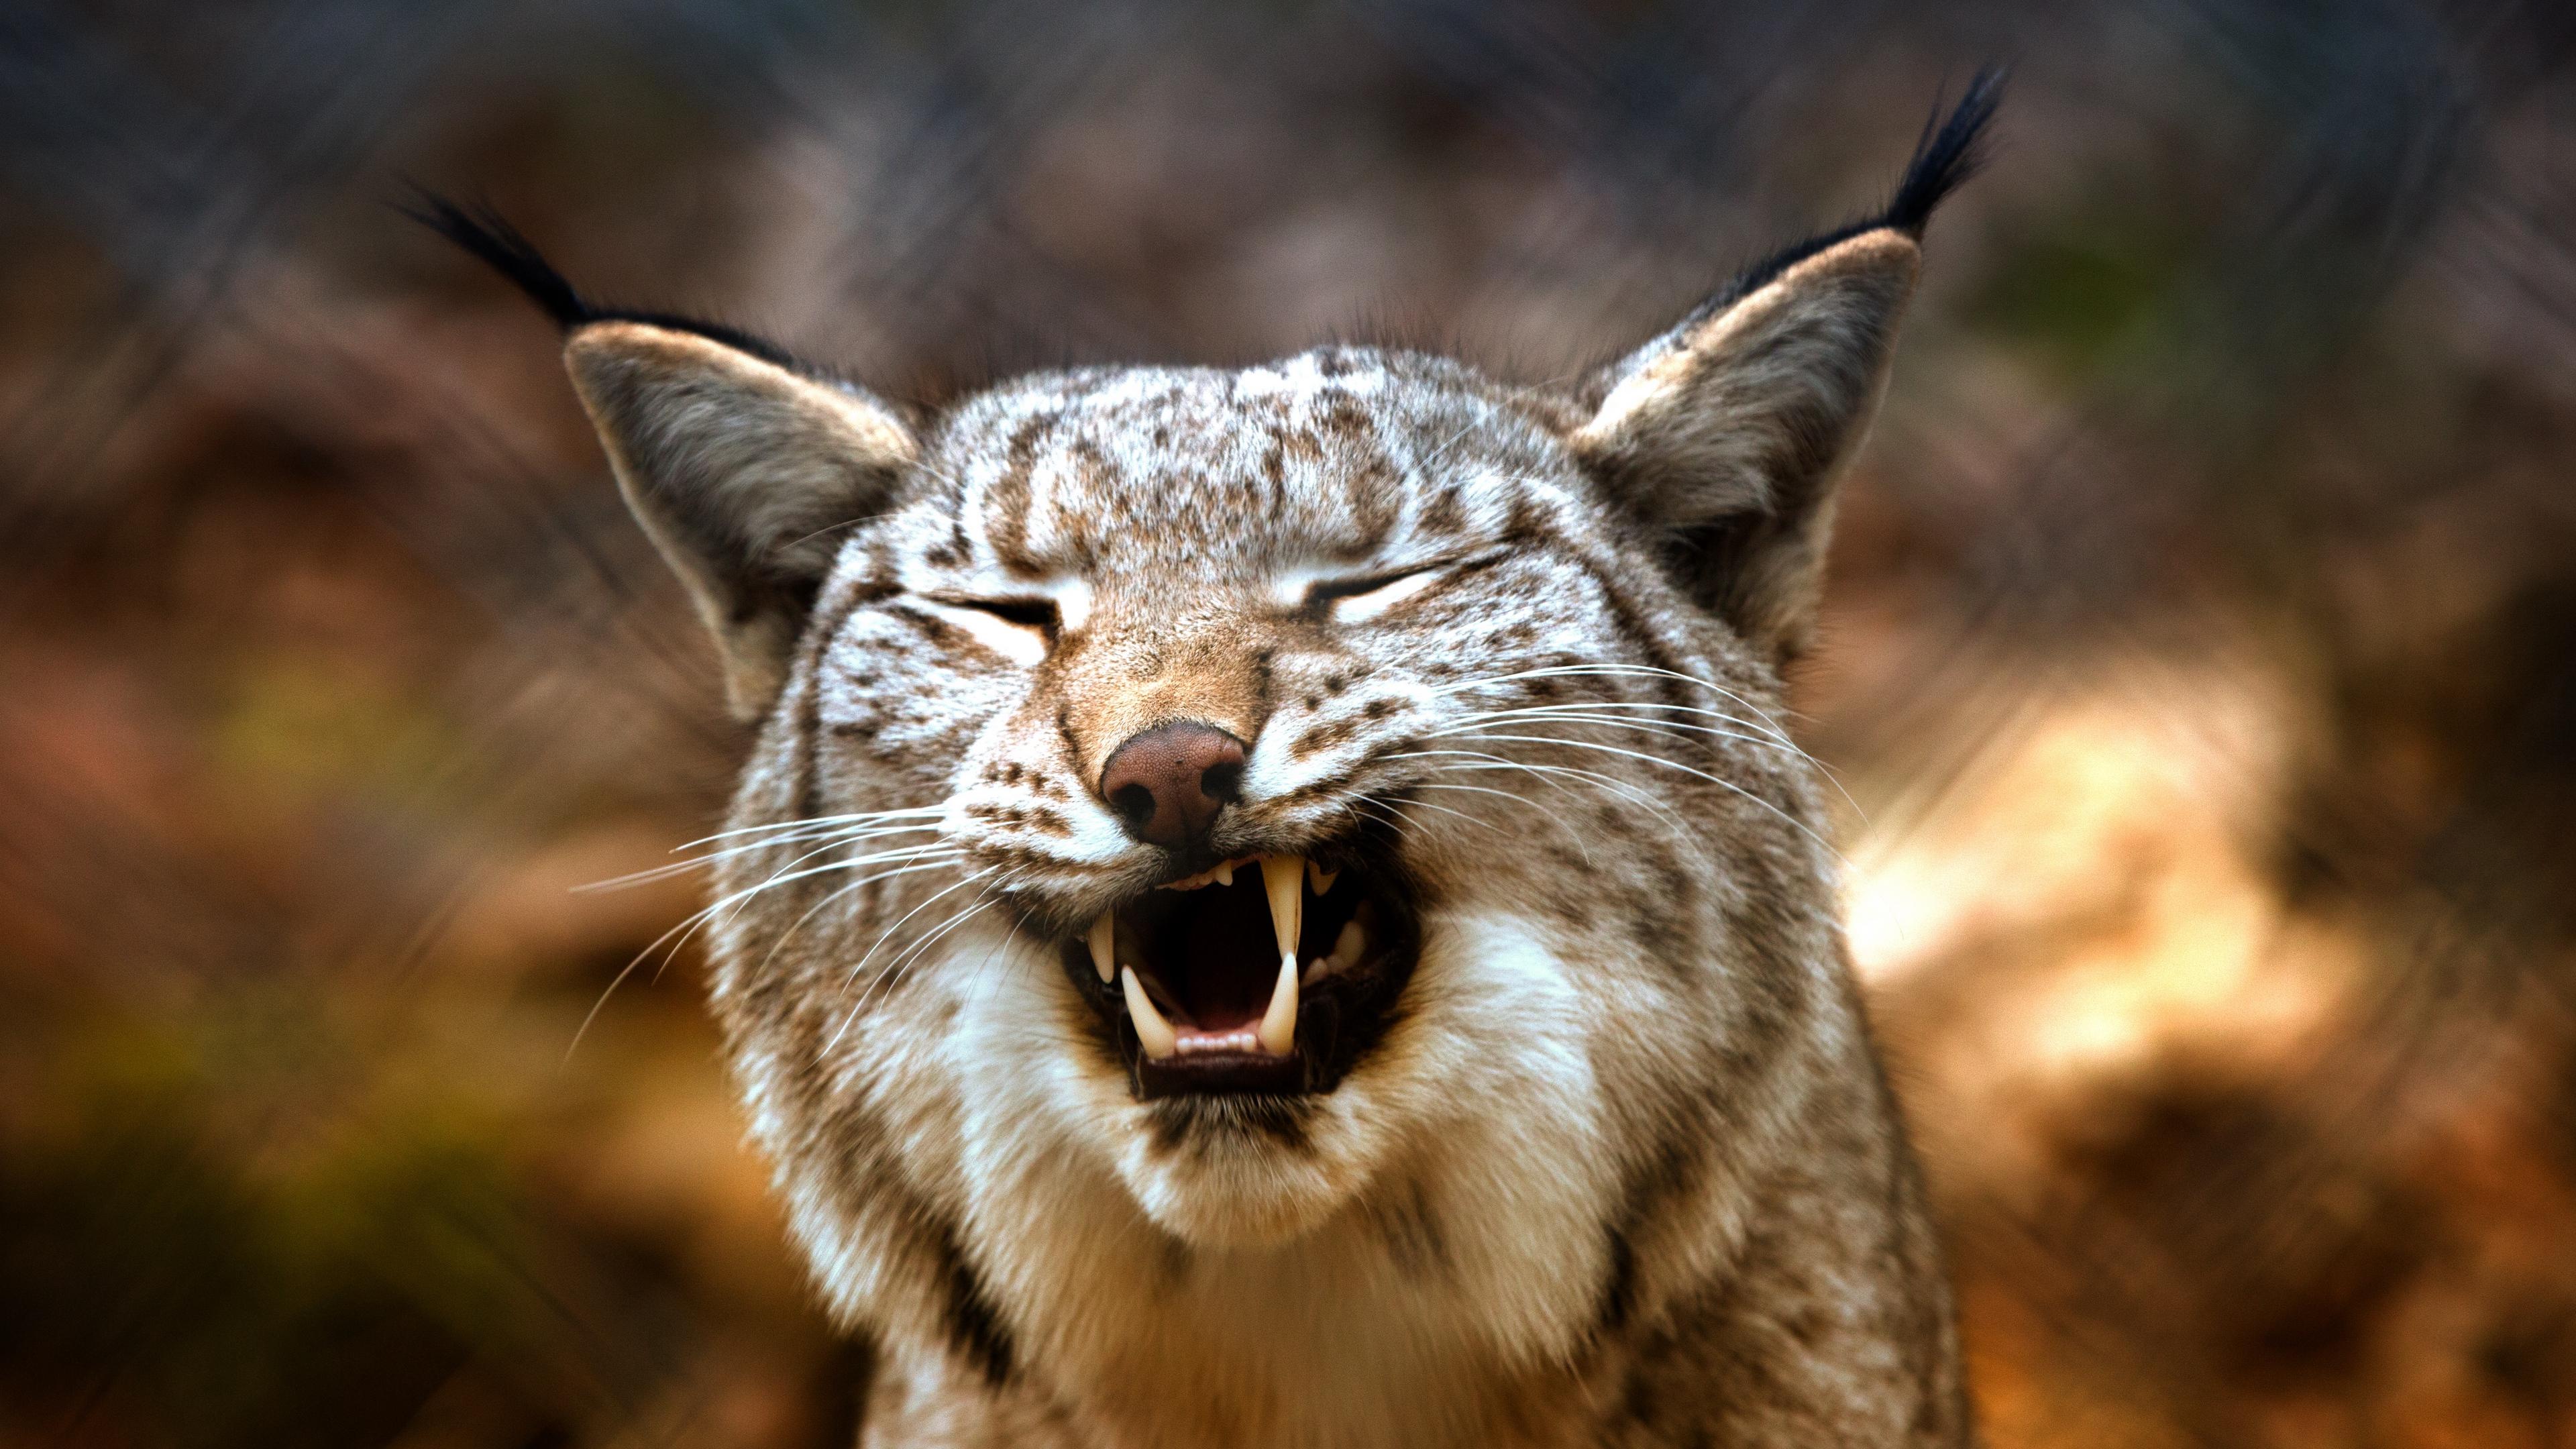 lynx predator grin 4k 1542242498 - lynx, predator, grin 4k - Predator, Lynx, grin